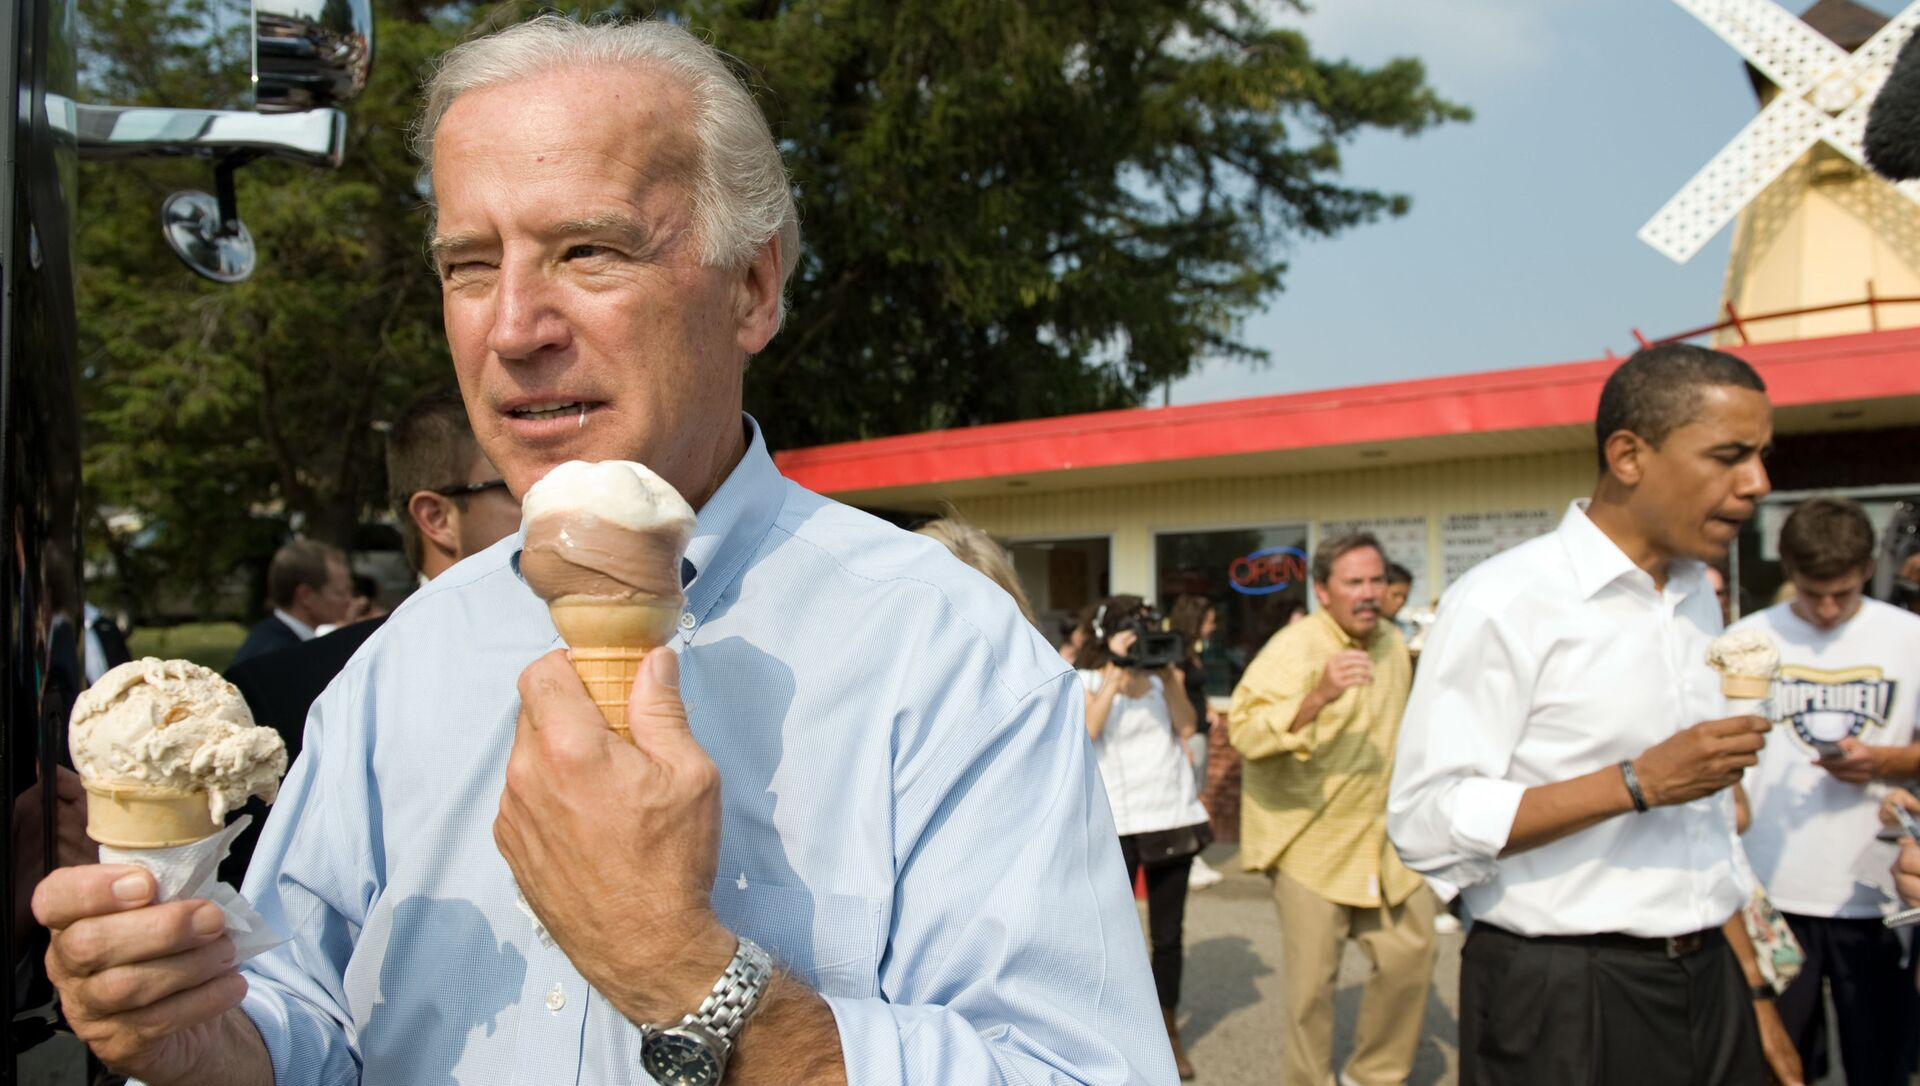 Joe Biden, candidato a la presidencia de EEUU - Sputnik Mundo, 1920, 11.11.2020